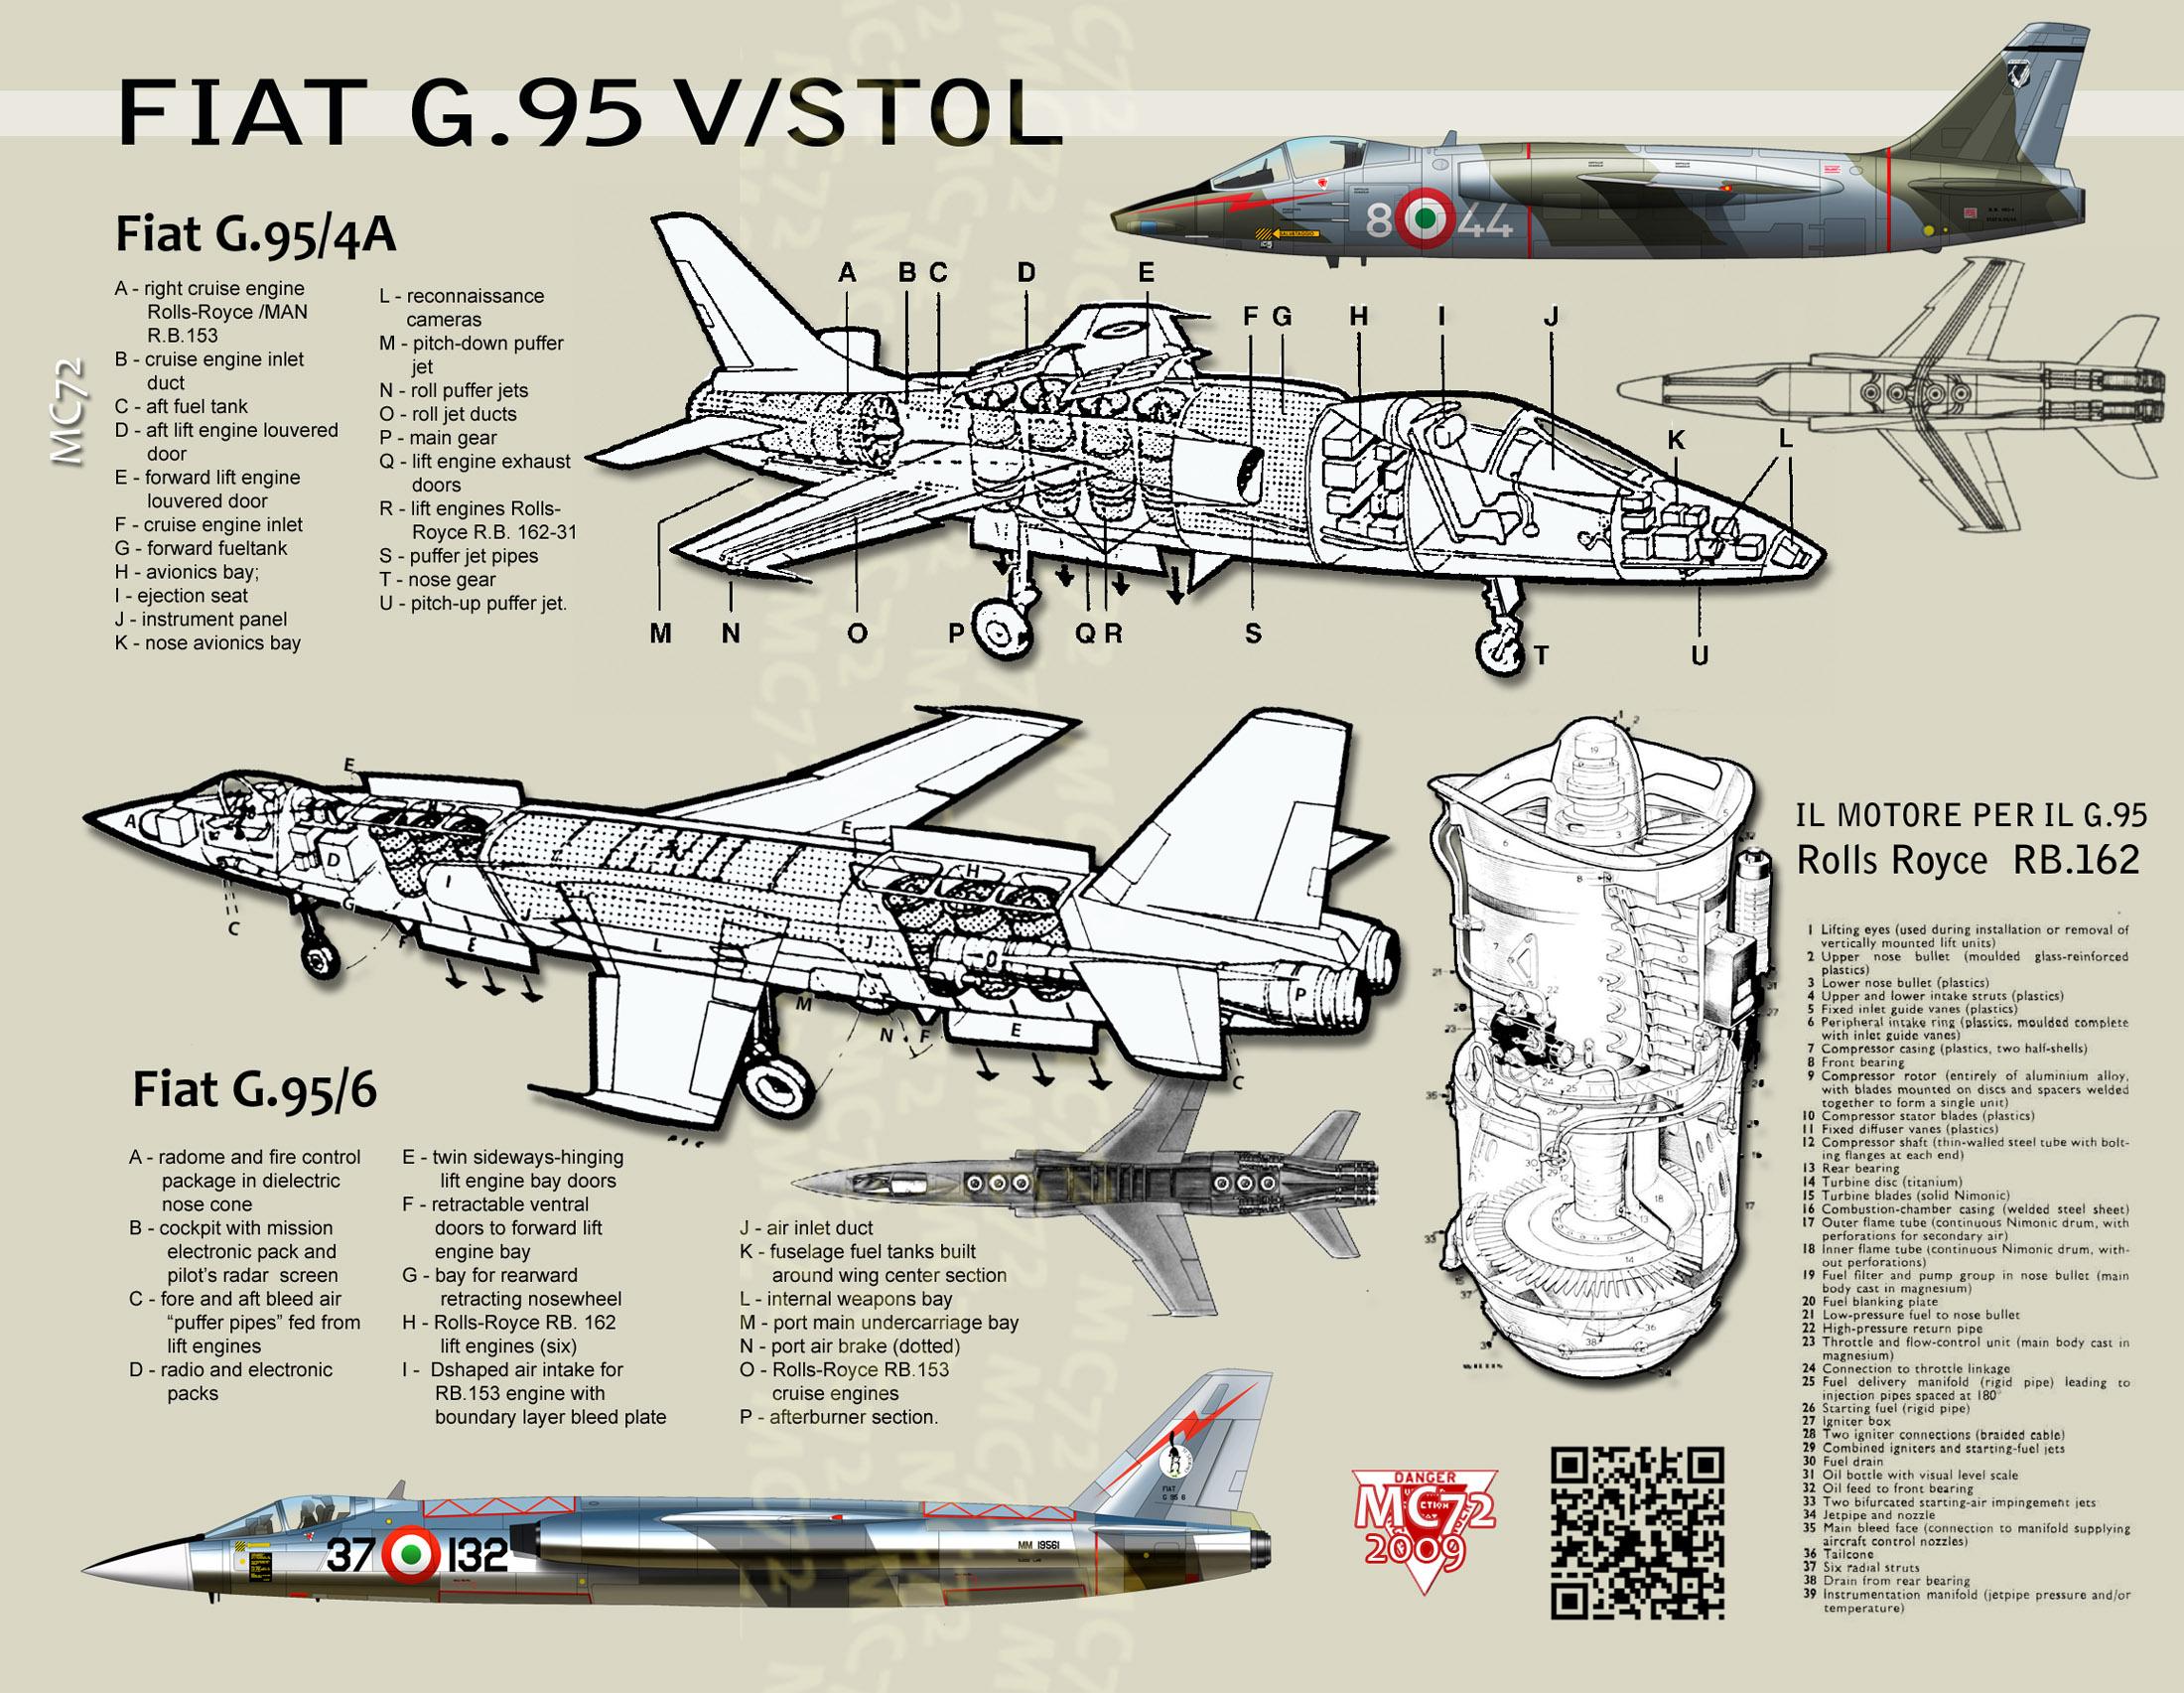 fiat-g-95-vstol.jpg